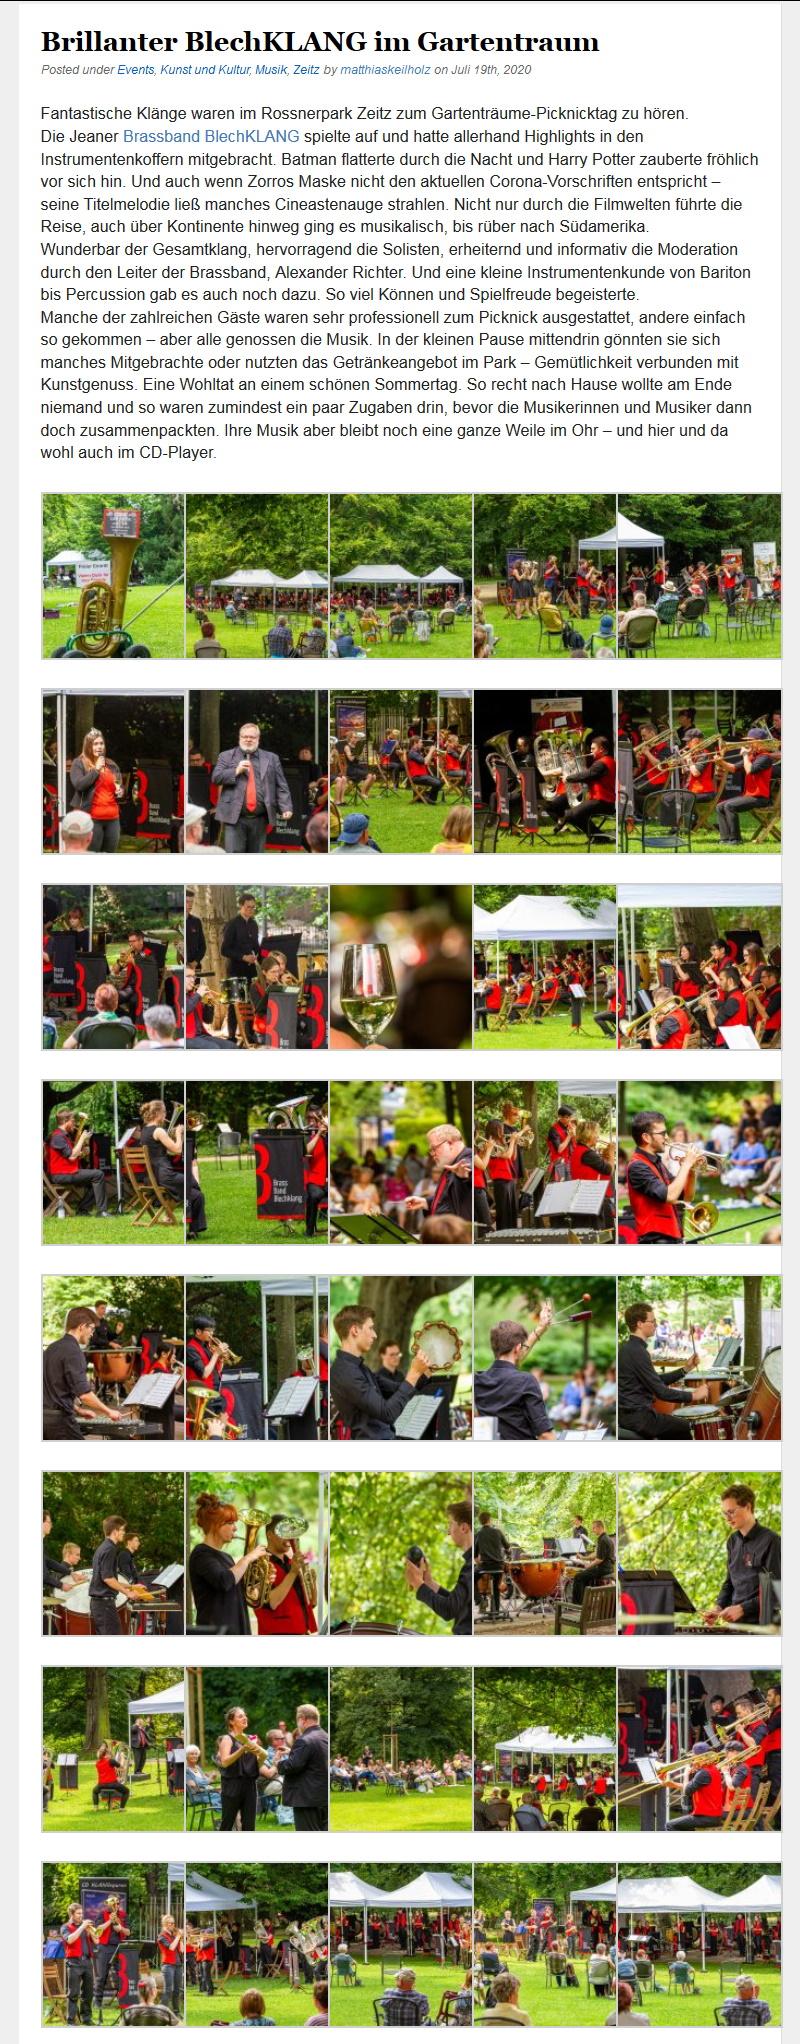 Online Artikel Picknickkonzert Zeitz Gartenträume Brass Band BlechKLANG